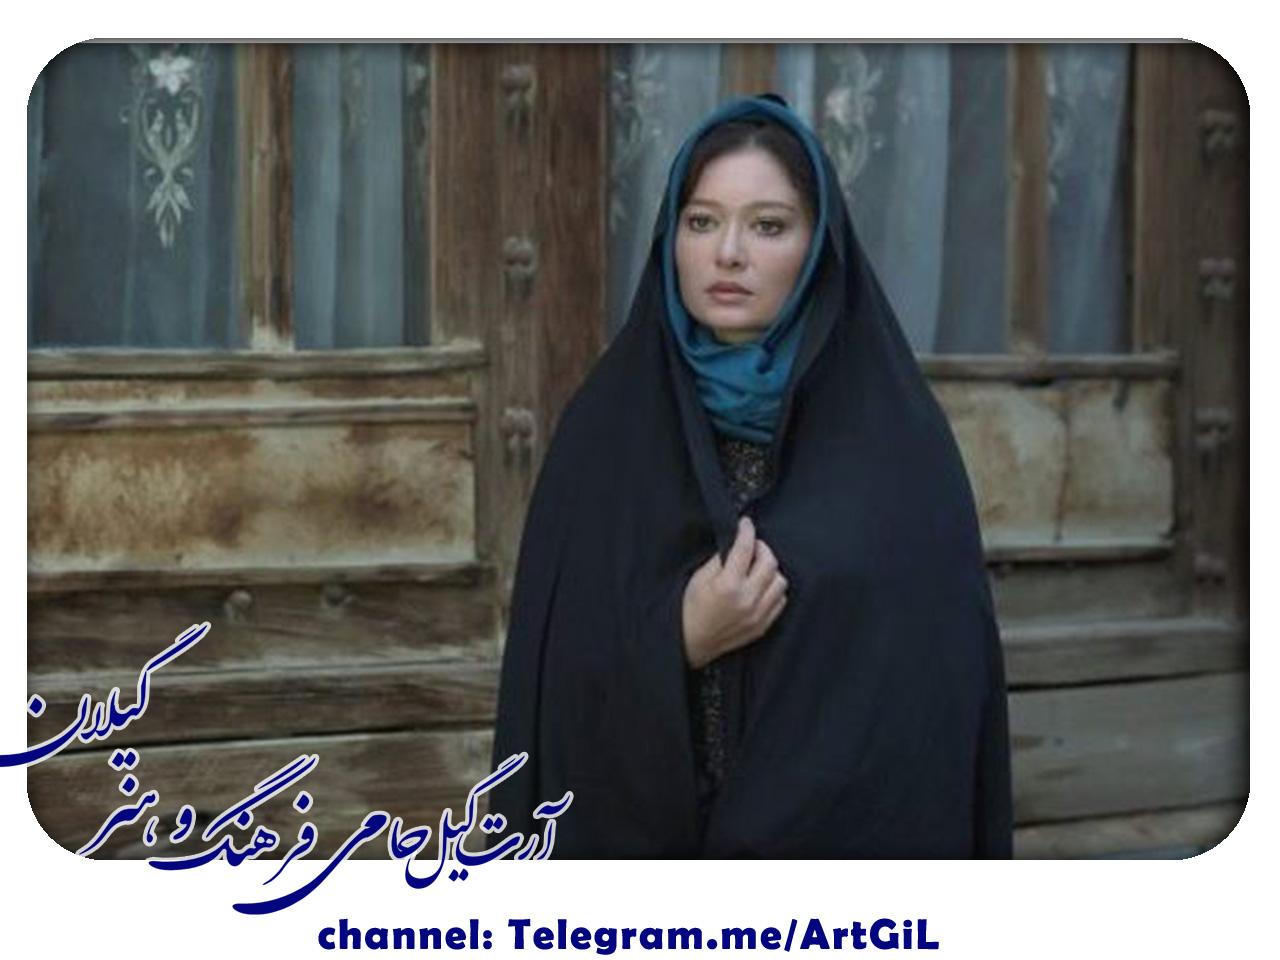 نورگل یشیلچای به ایران میآید